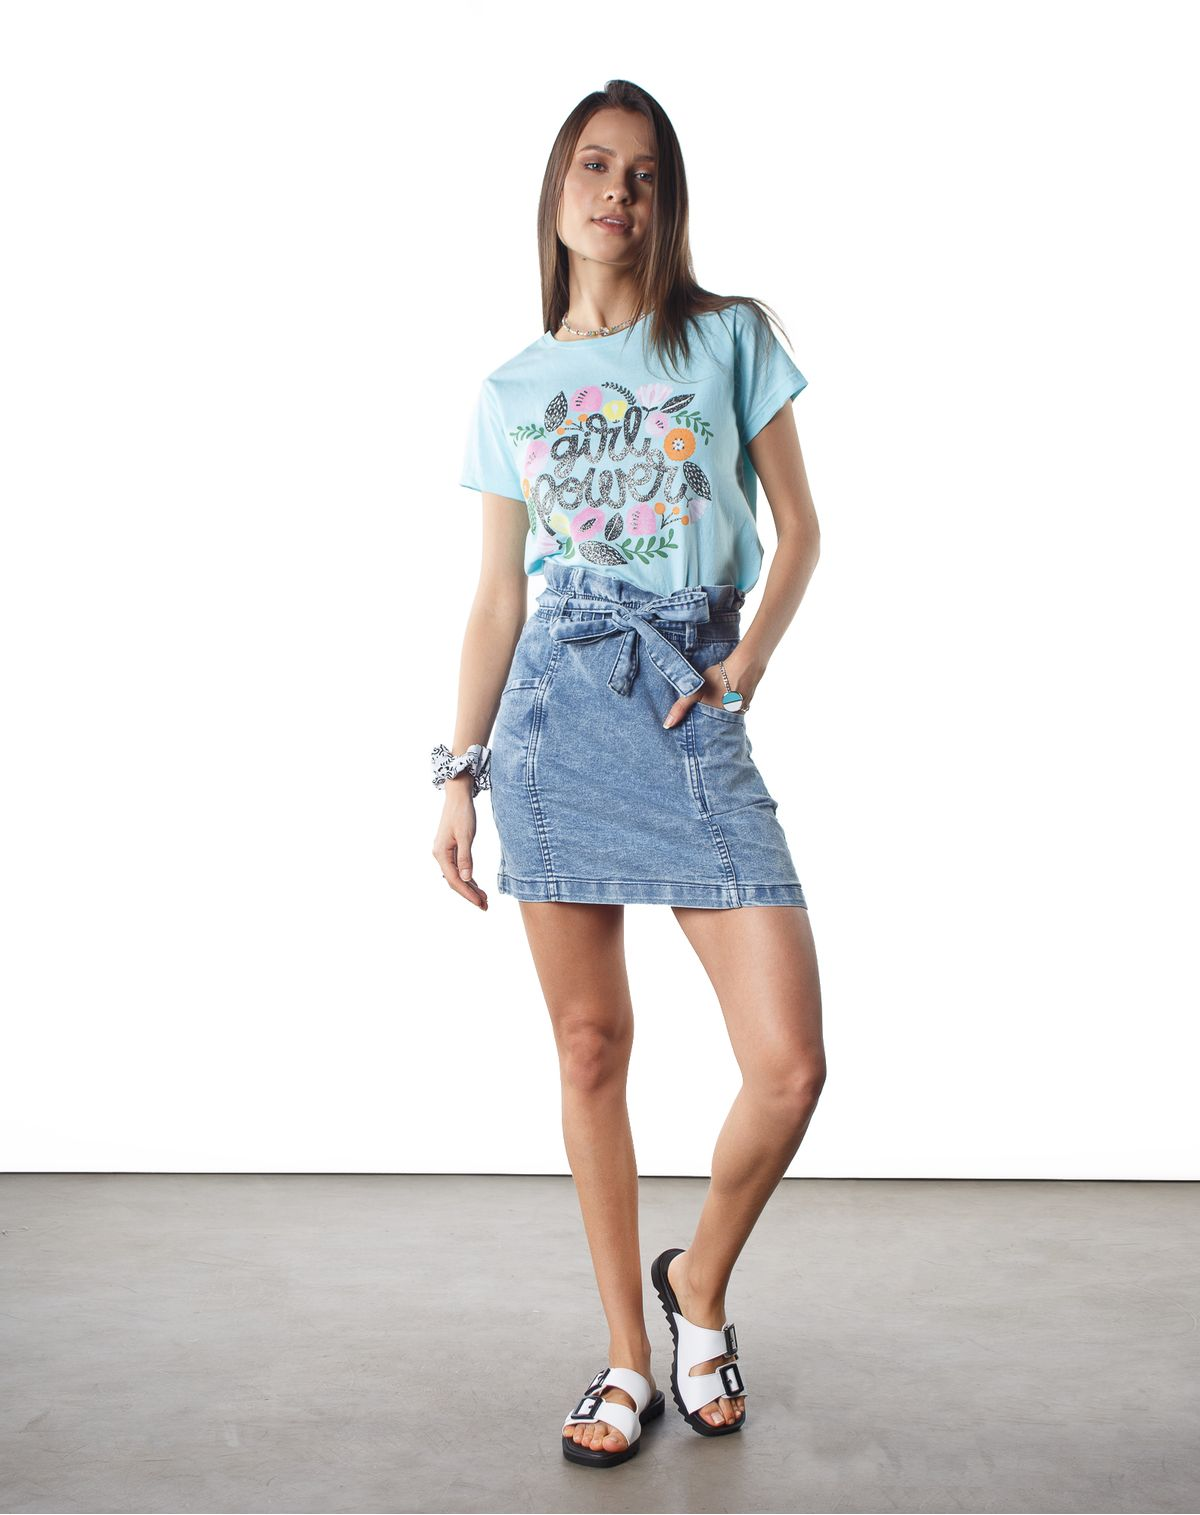 560064001-saia-jeans-clochard-feminina-bolsos-jeans-36-ed0